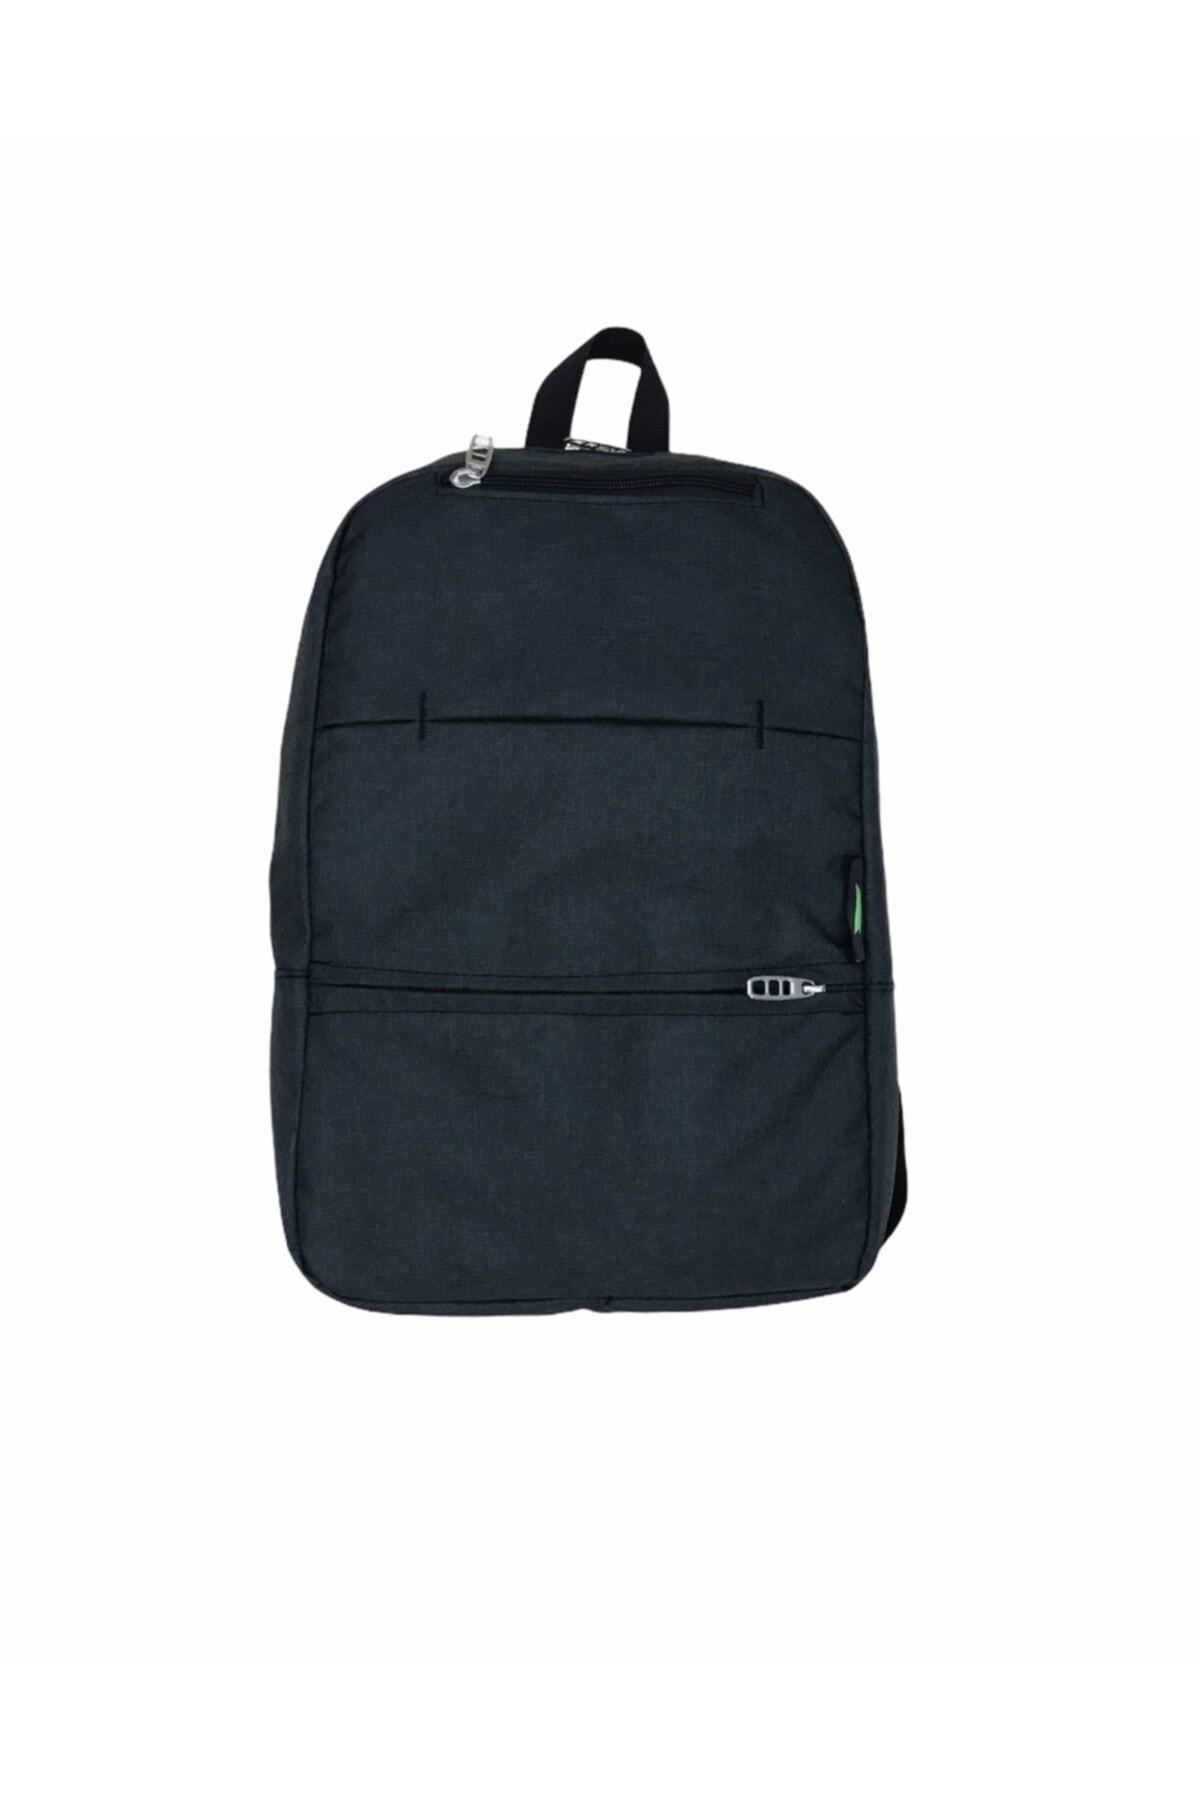 BARBERRI Siyah Laptop Spor Sırt Çantası Cod: 8101 1